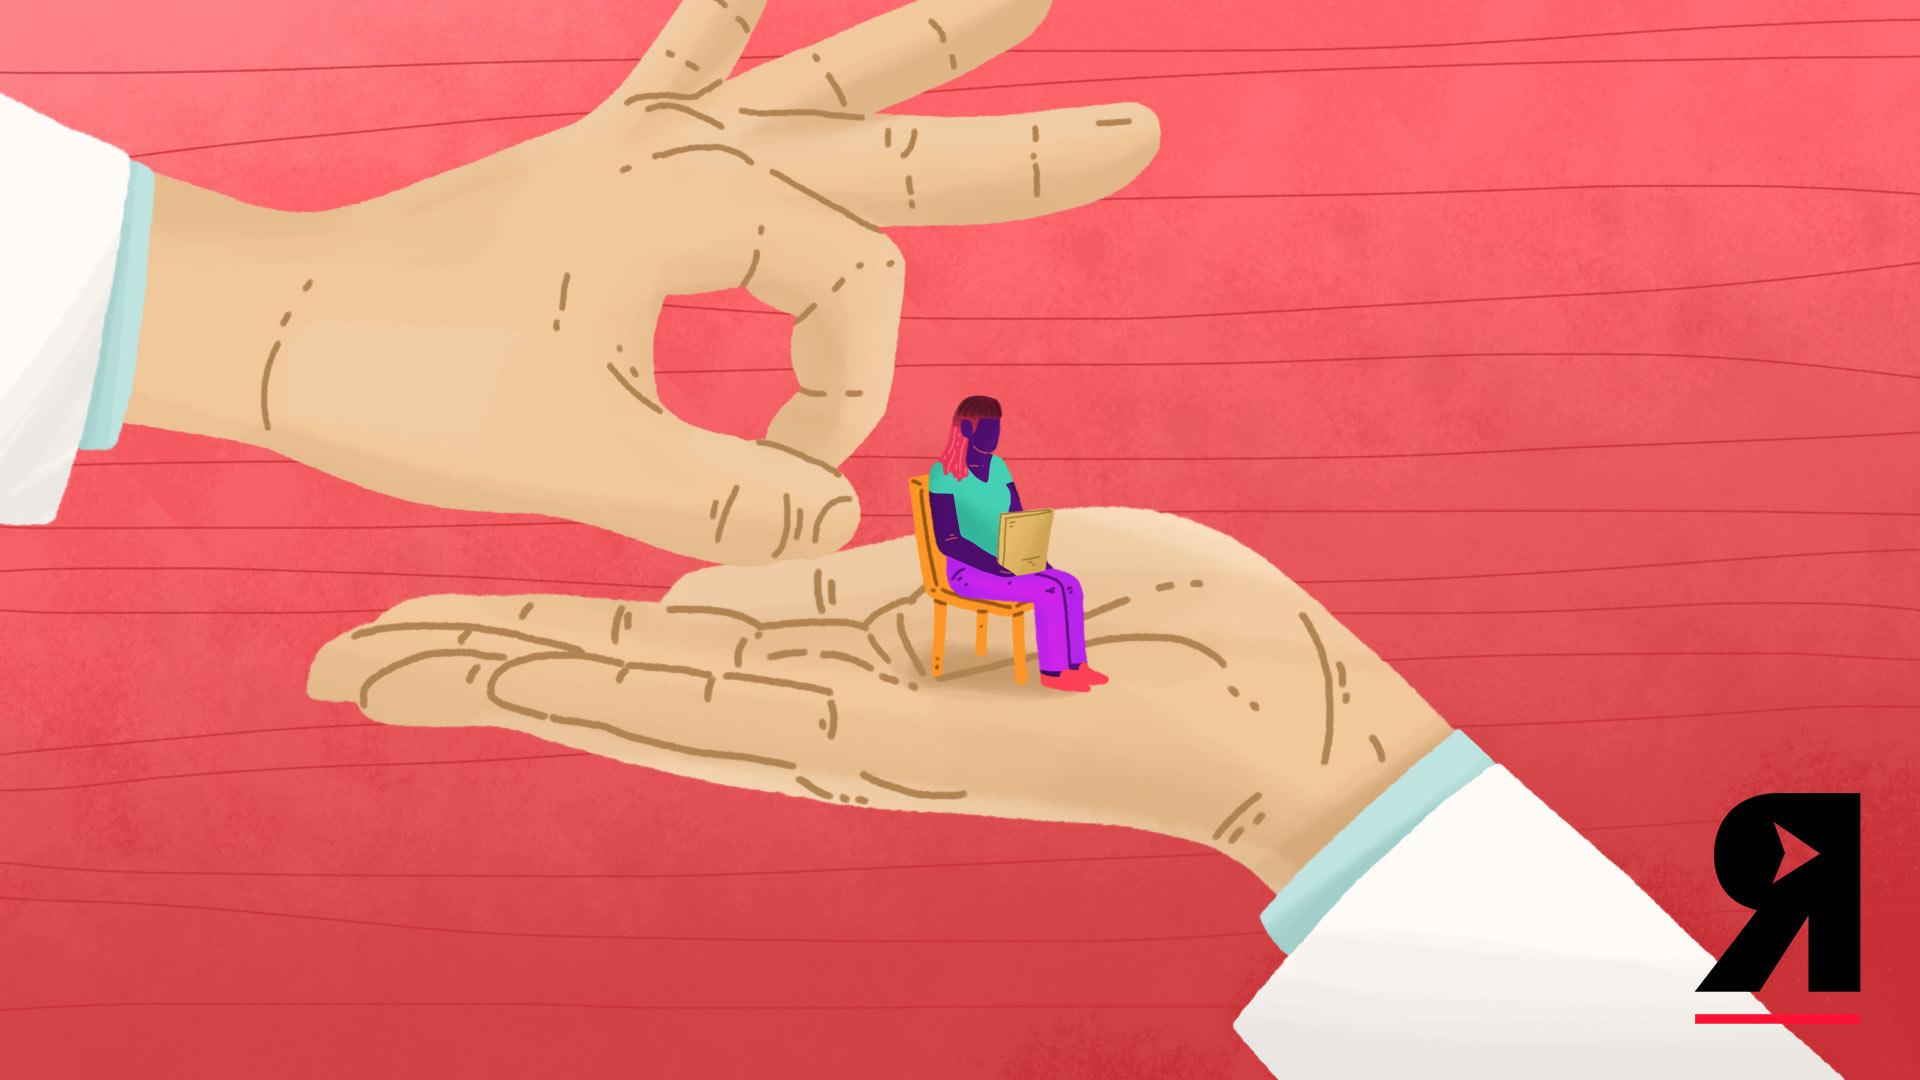 El sistema de salud colombiano sigue tratando a las personas trans como enfermos mentales